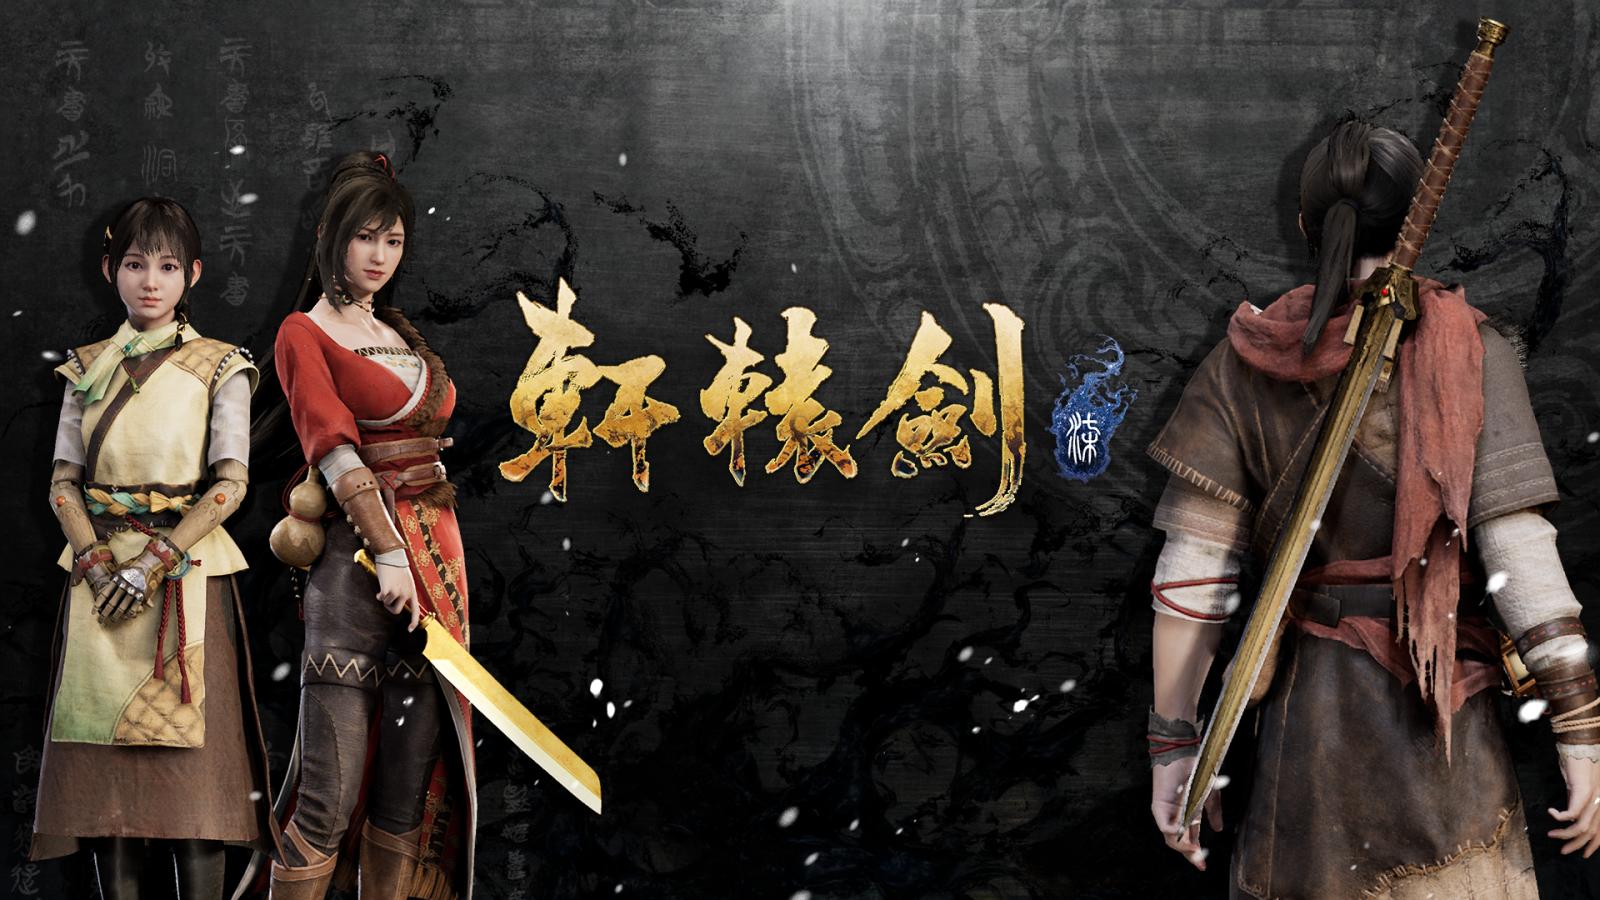 《轩辕剑柒》公开全新预告片,将于10月29日正式发售